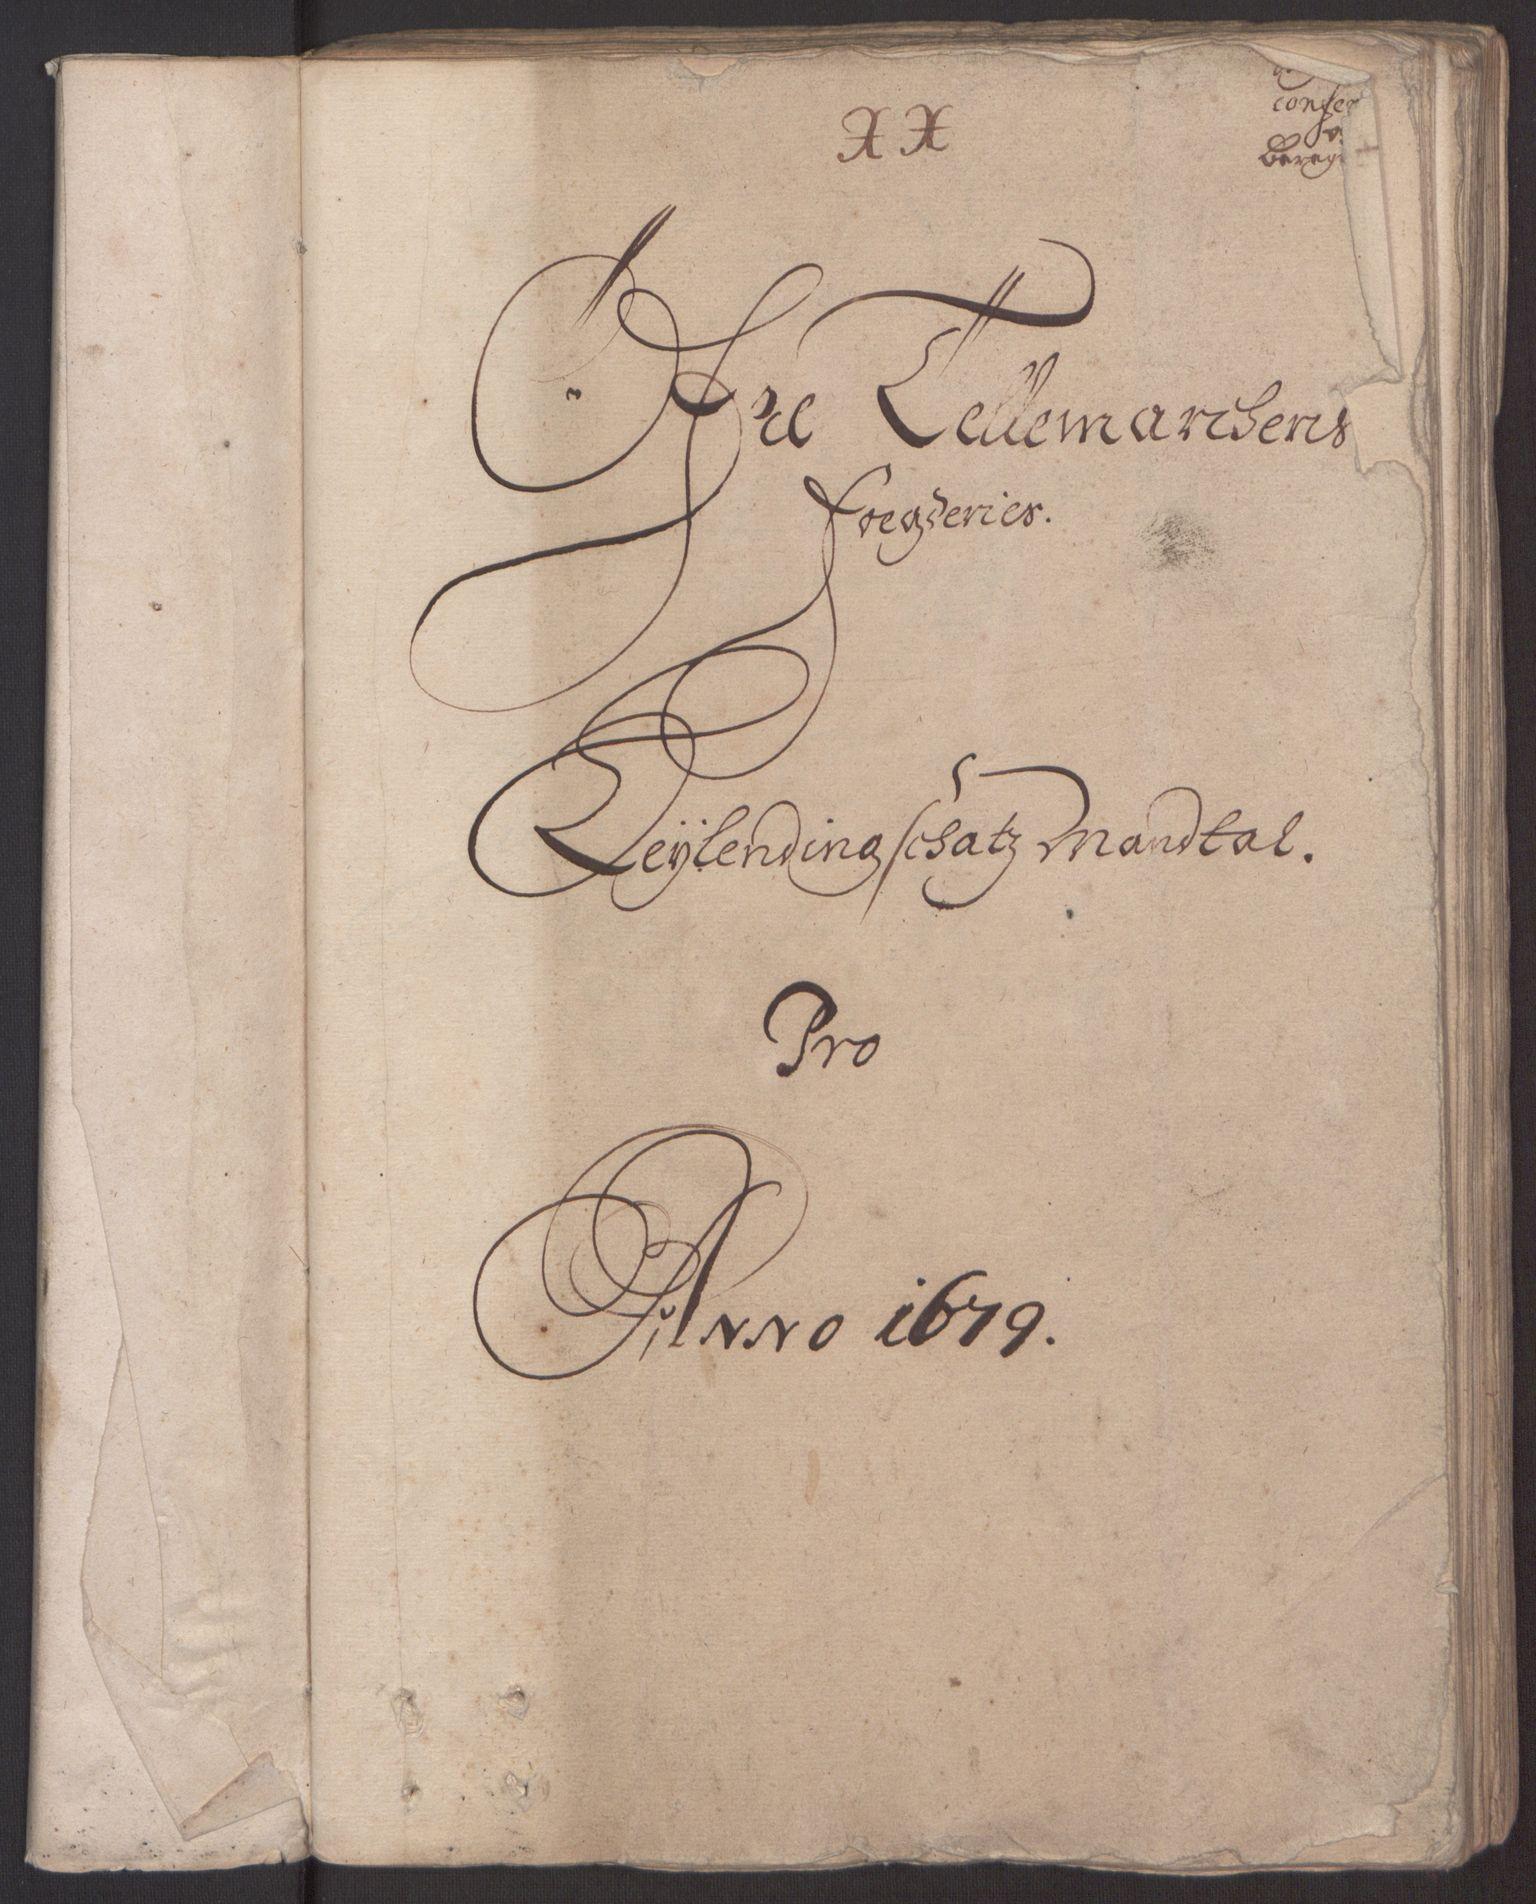 RA, Rentekammeret inntil 1814, Reviderte regnskaper, Fogderegnskap, R35/L2073: Fogderegnskap Øvre og Nedre Telemark, 1679, s. 30